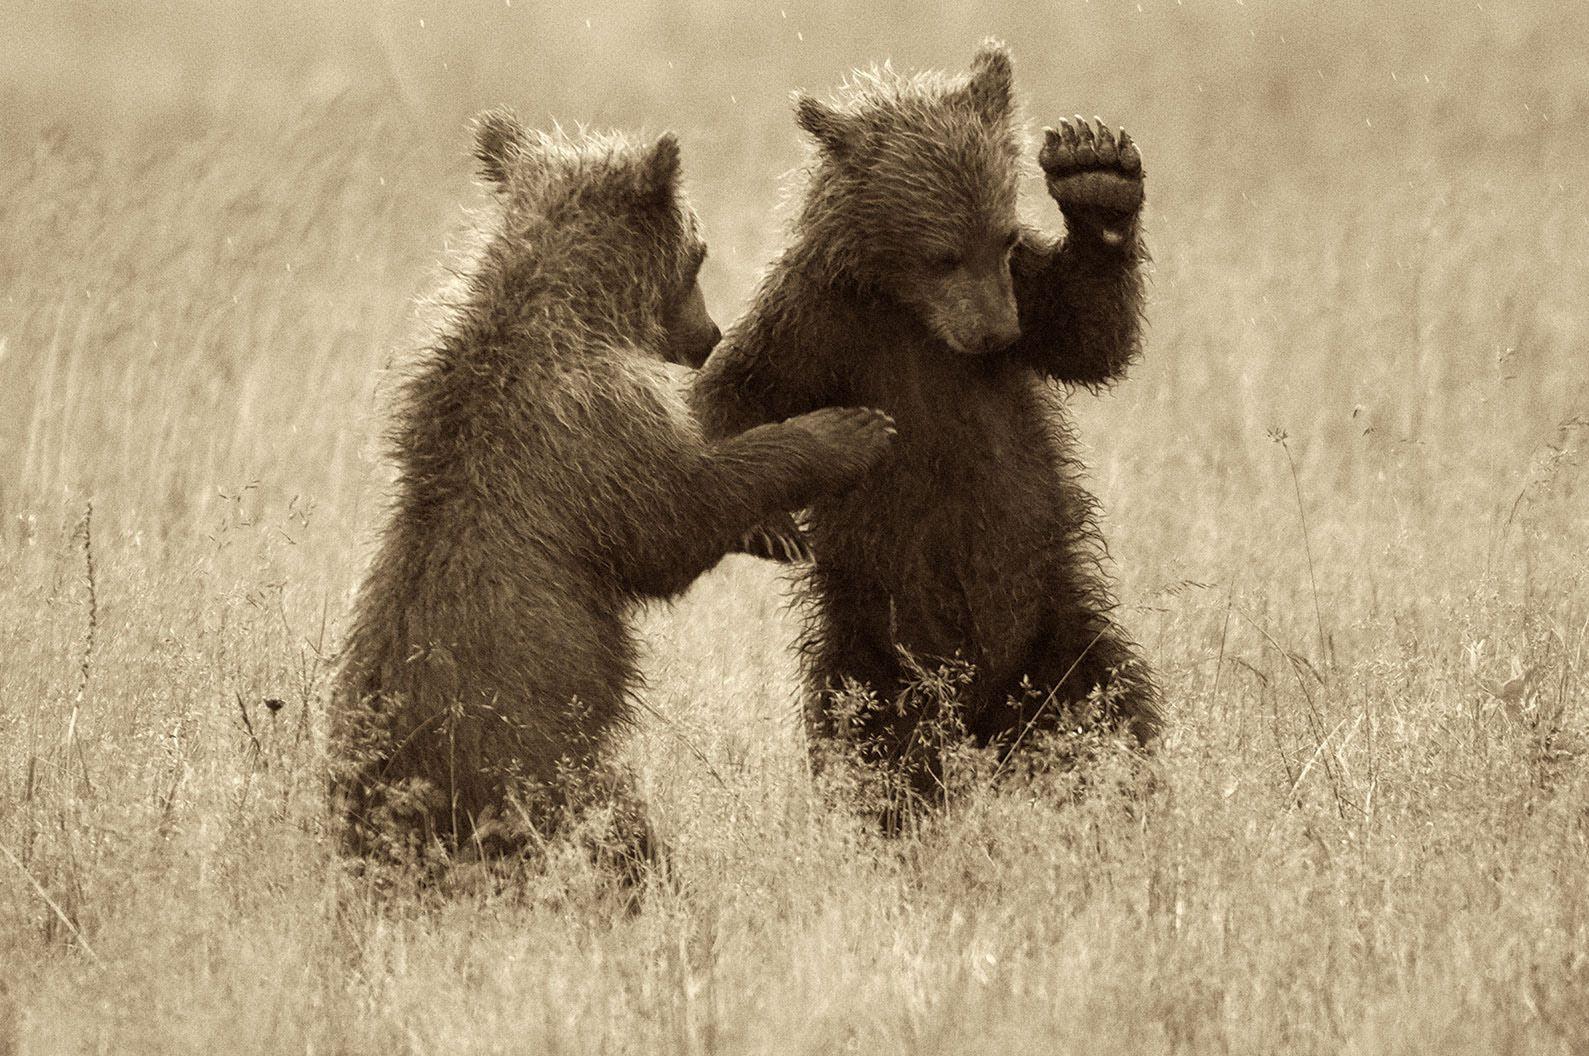 GRIZZLY-BEAR-CUBS-01-.jpg